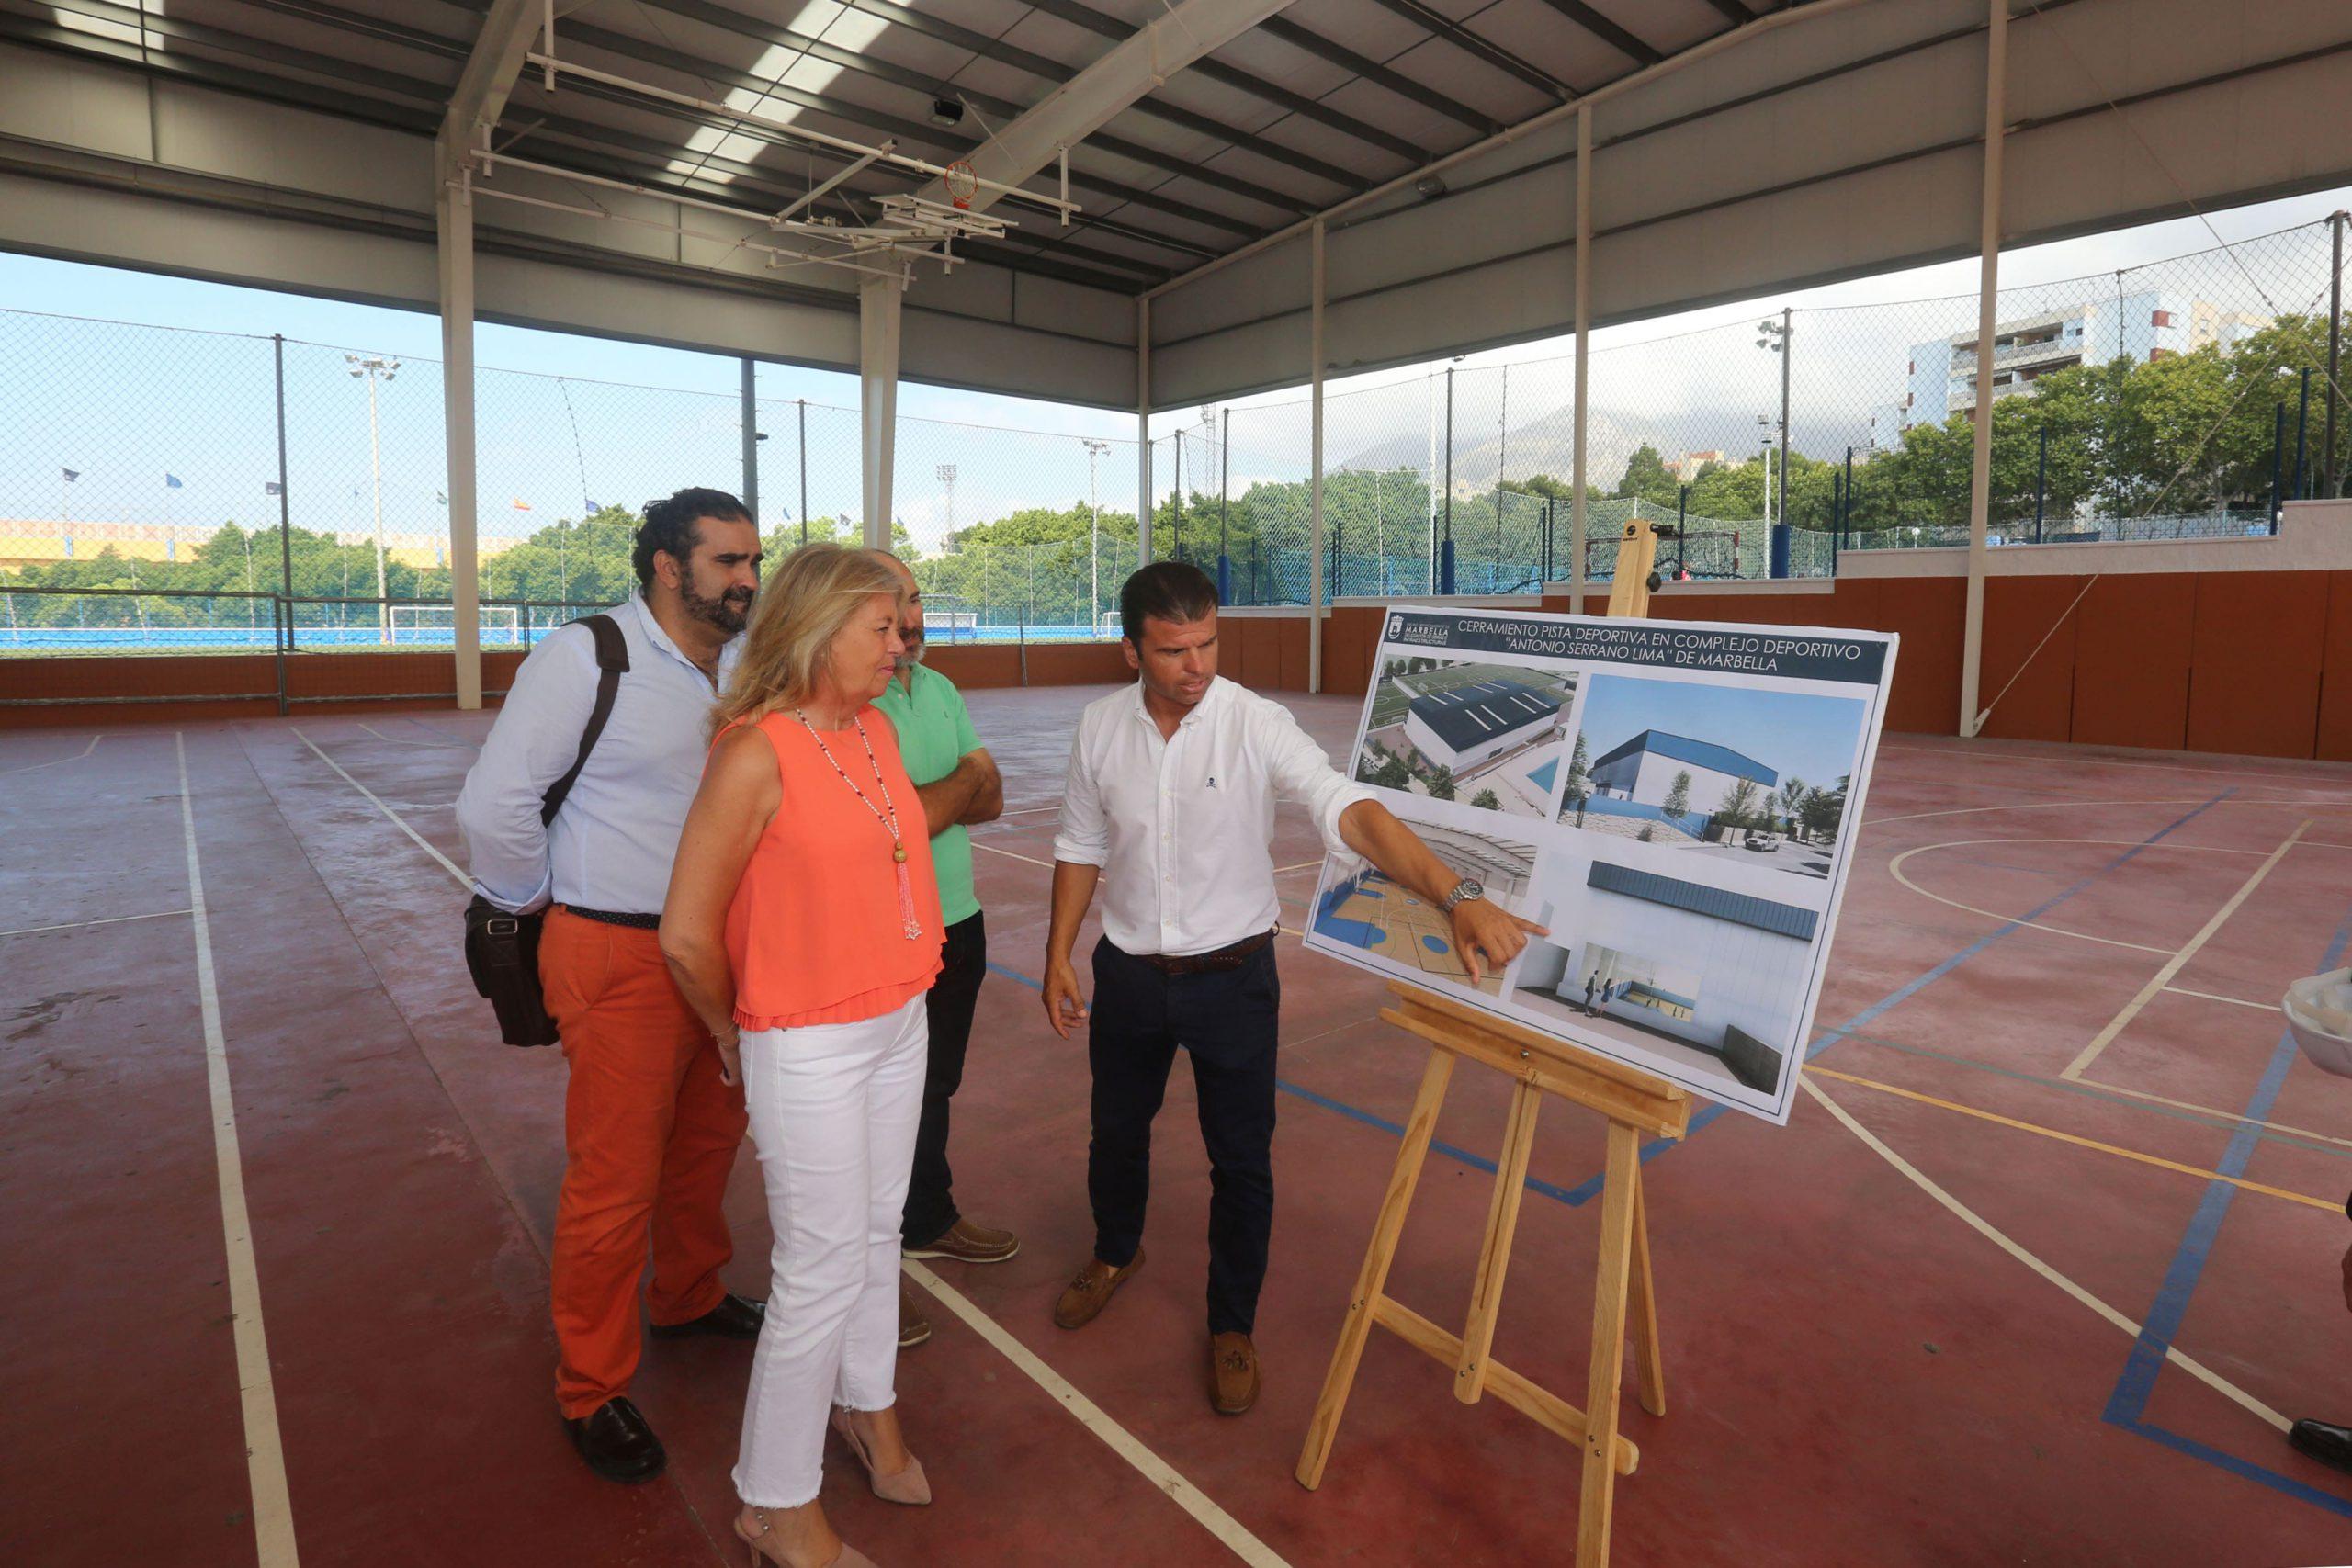 El Consistorio está acometiendo el cerramiento integral de las pistas cubiertas del complejo Antonio Serrano Lima. Una actuación que tiene un plazo de ejecución previsto de cinco meses